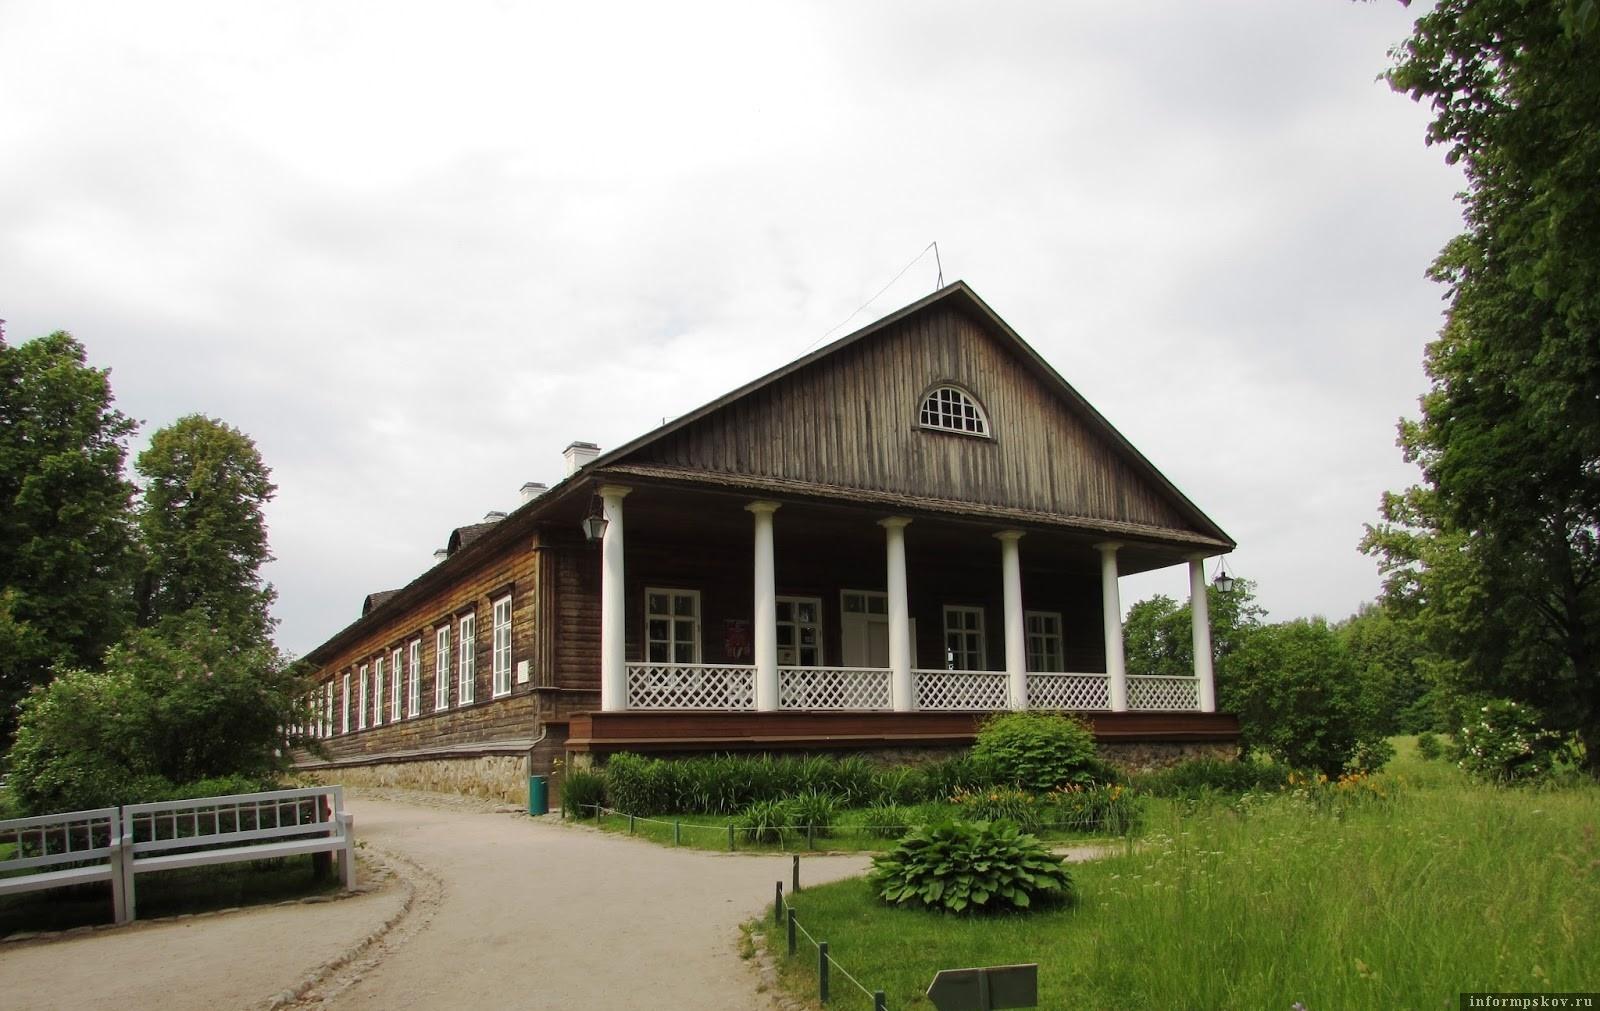 Усадьба Тригорское. Фото предоставлено ТИЦ Псковской области.